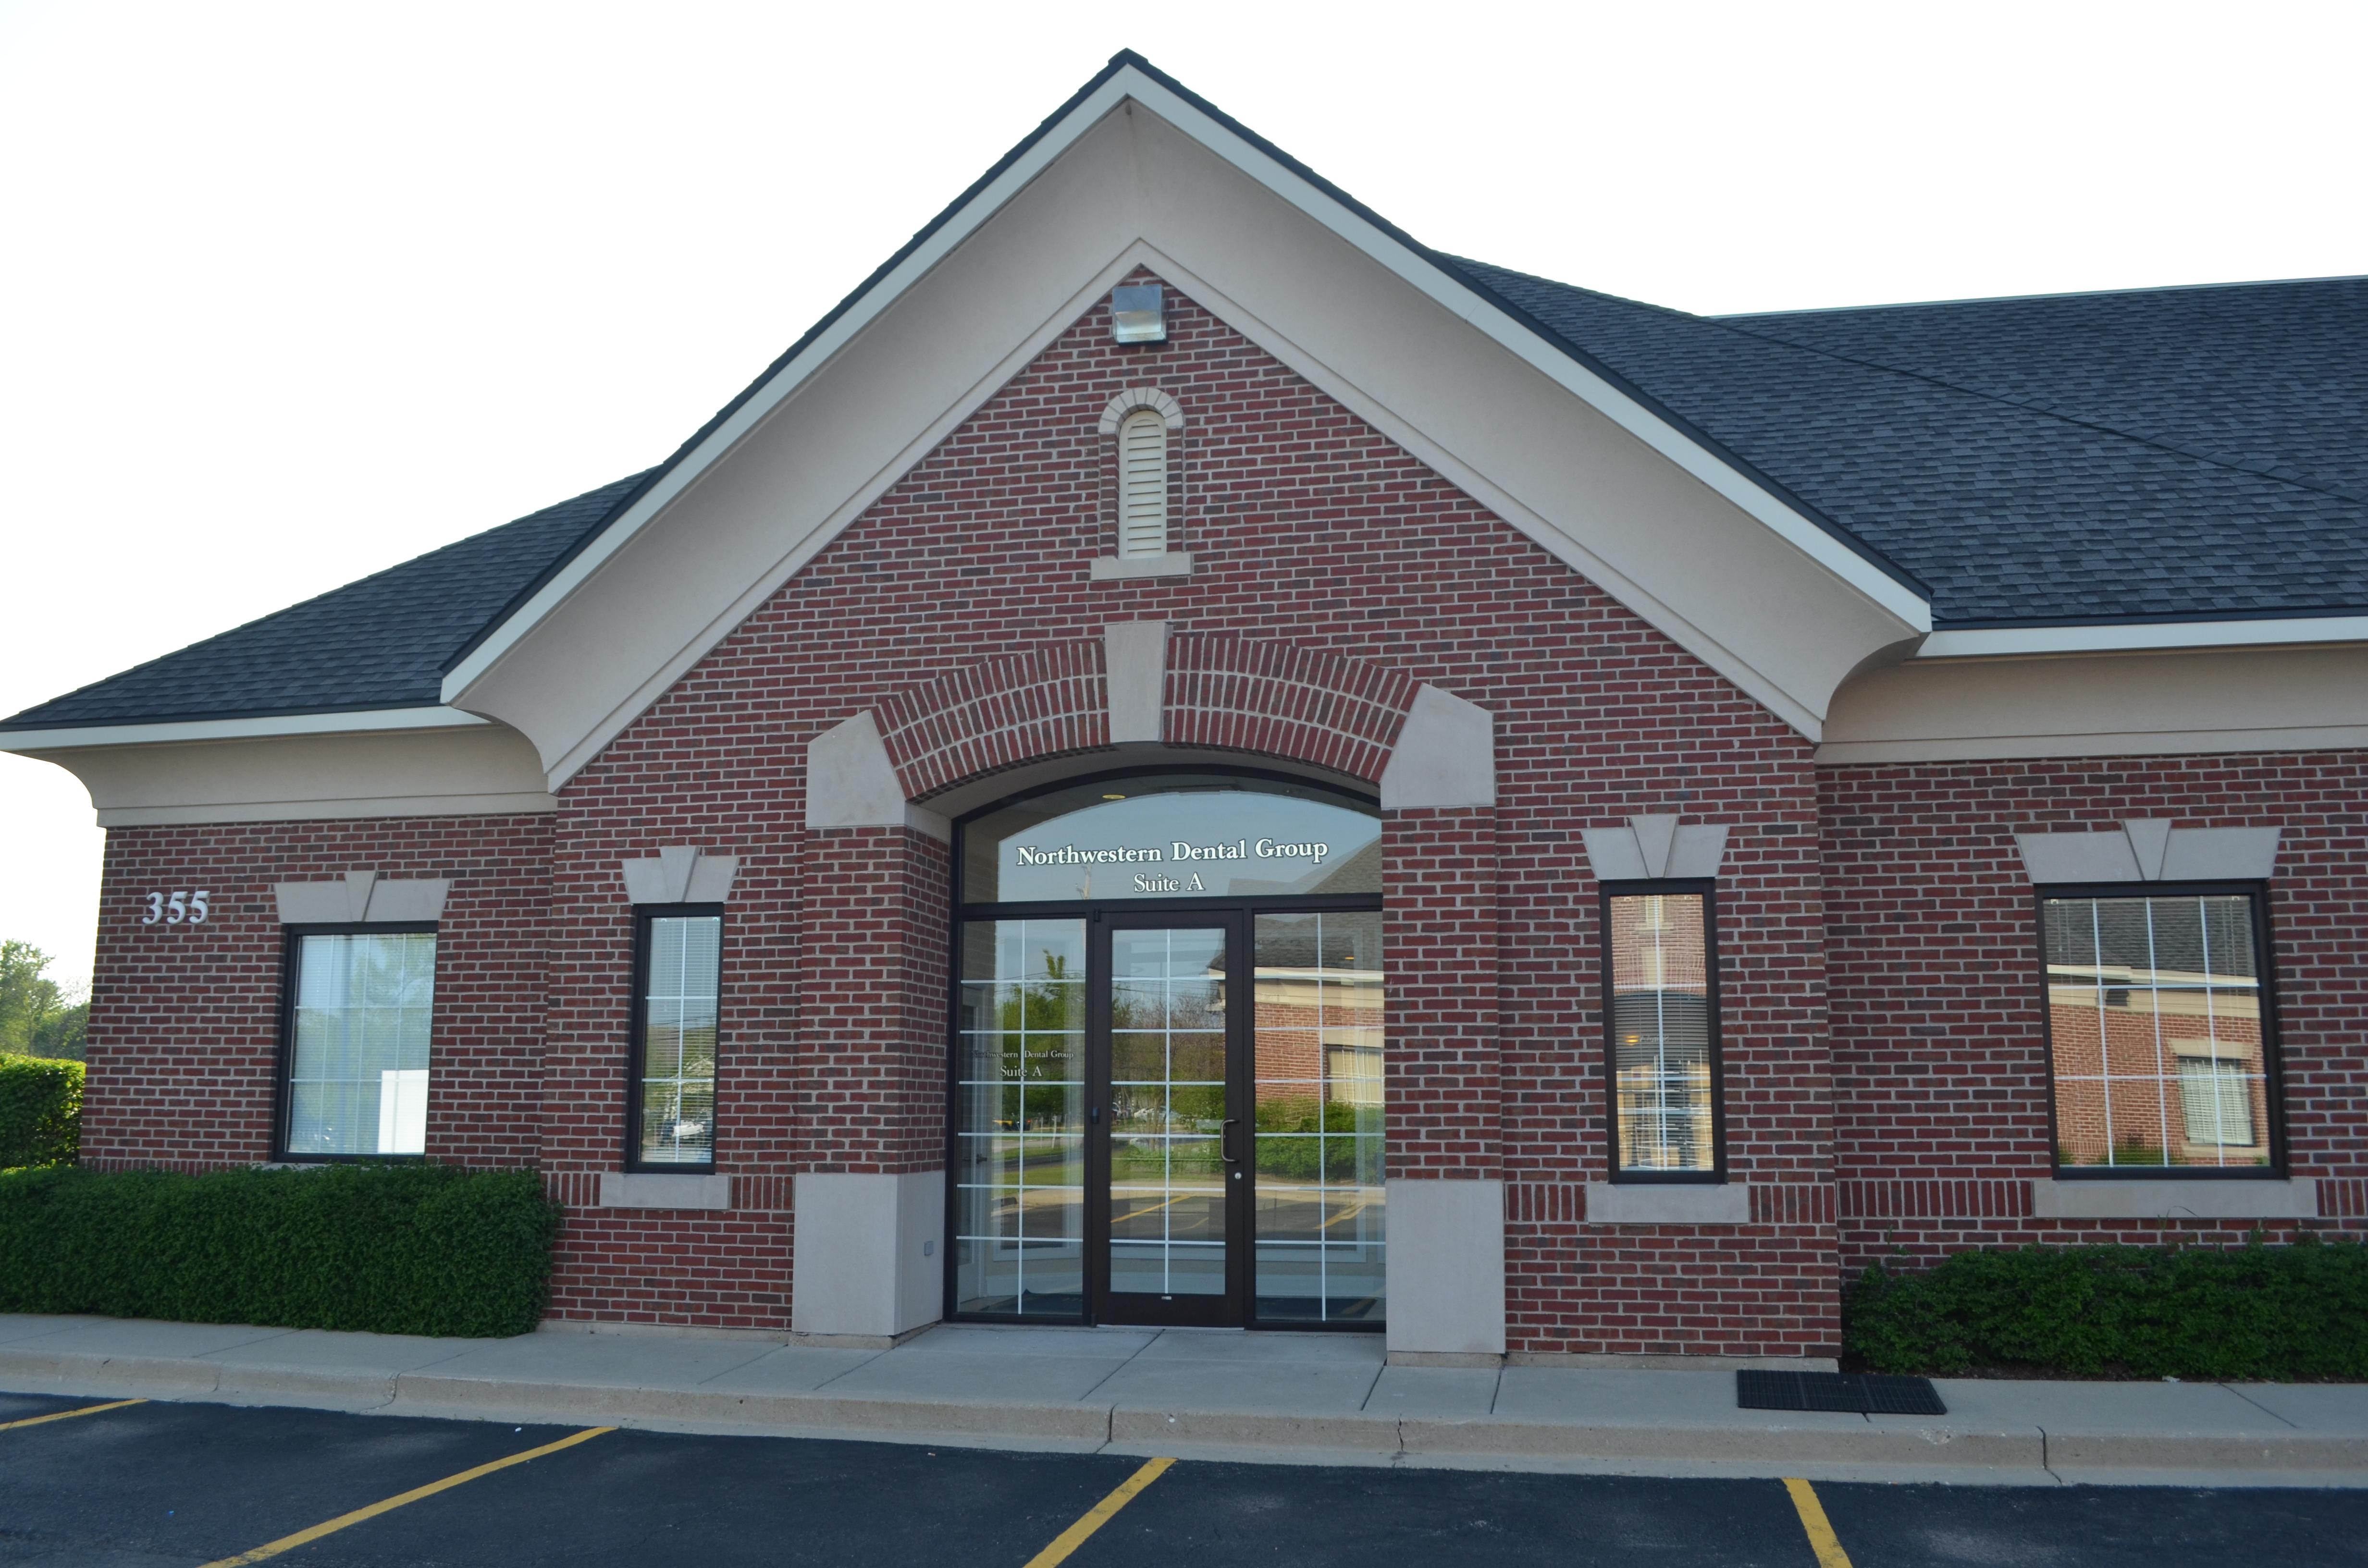 Northwestern Dental Group - Park City 355 Greenleaf St, Park